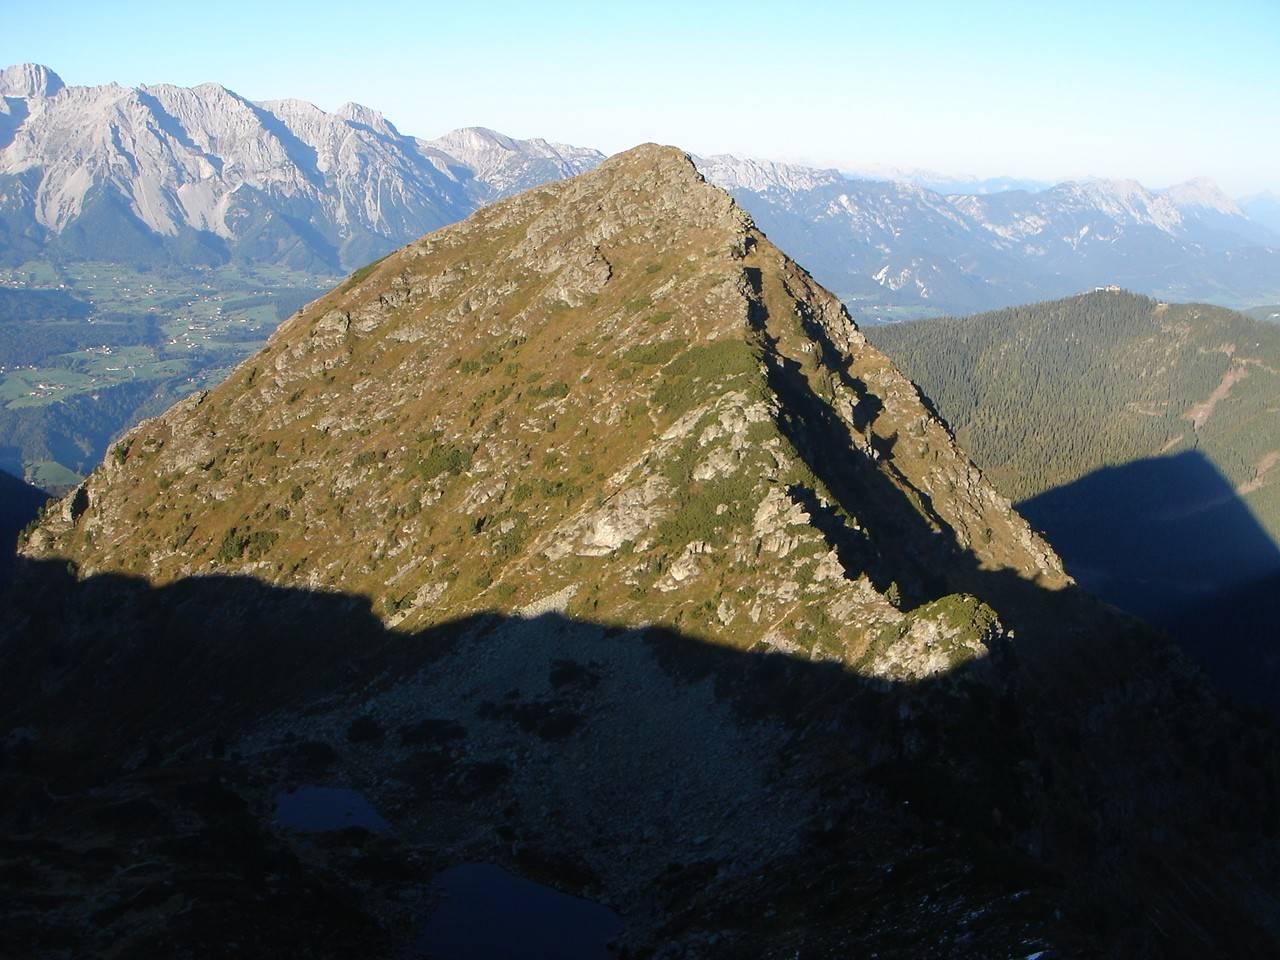 Foto: Manfred Karl / Wander Tour / Gipfelrunde von der Reiteralm auf den Schober (2133m) / Schober mit dem Normalanstieg / 19.06.2007 05:59:42